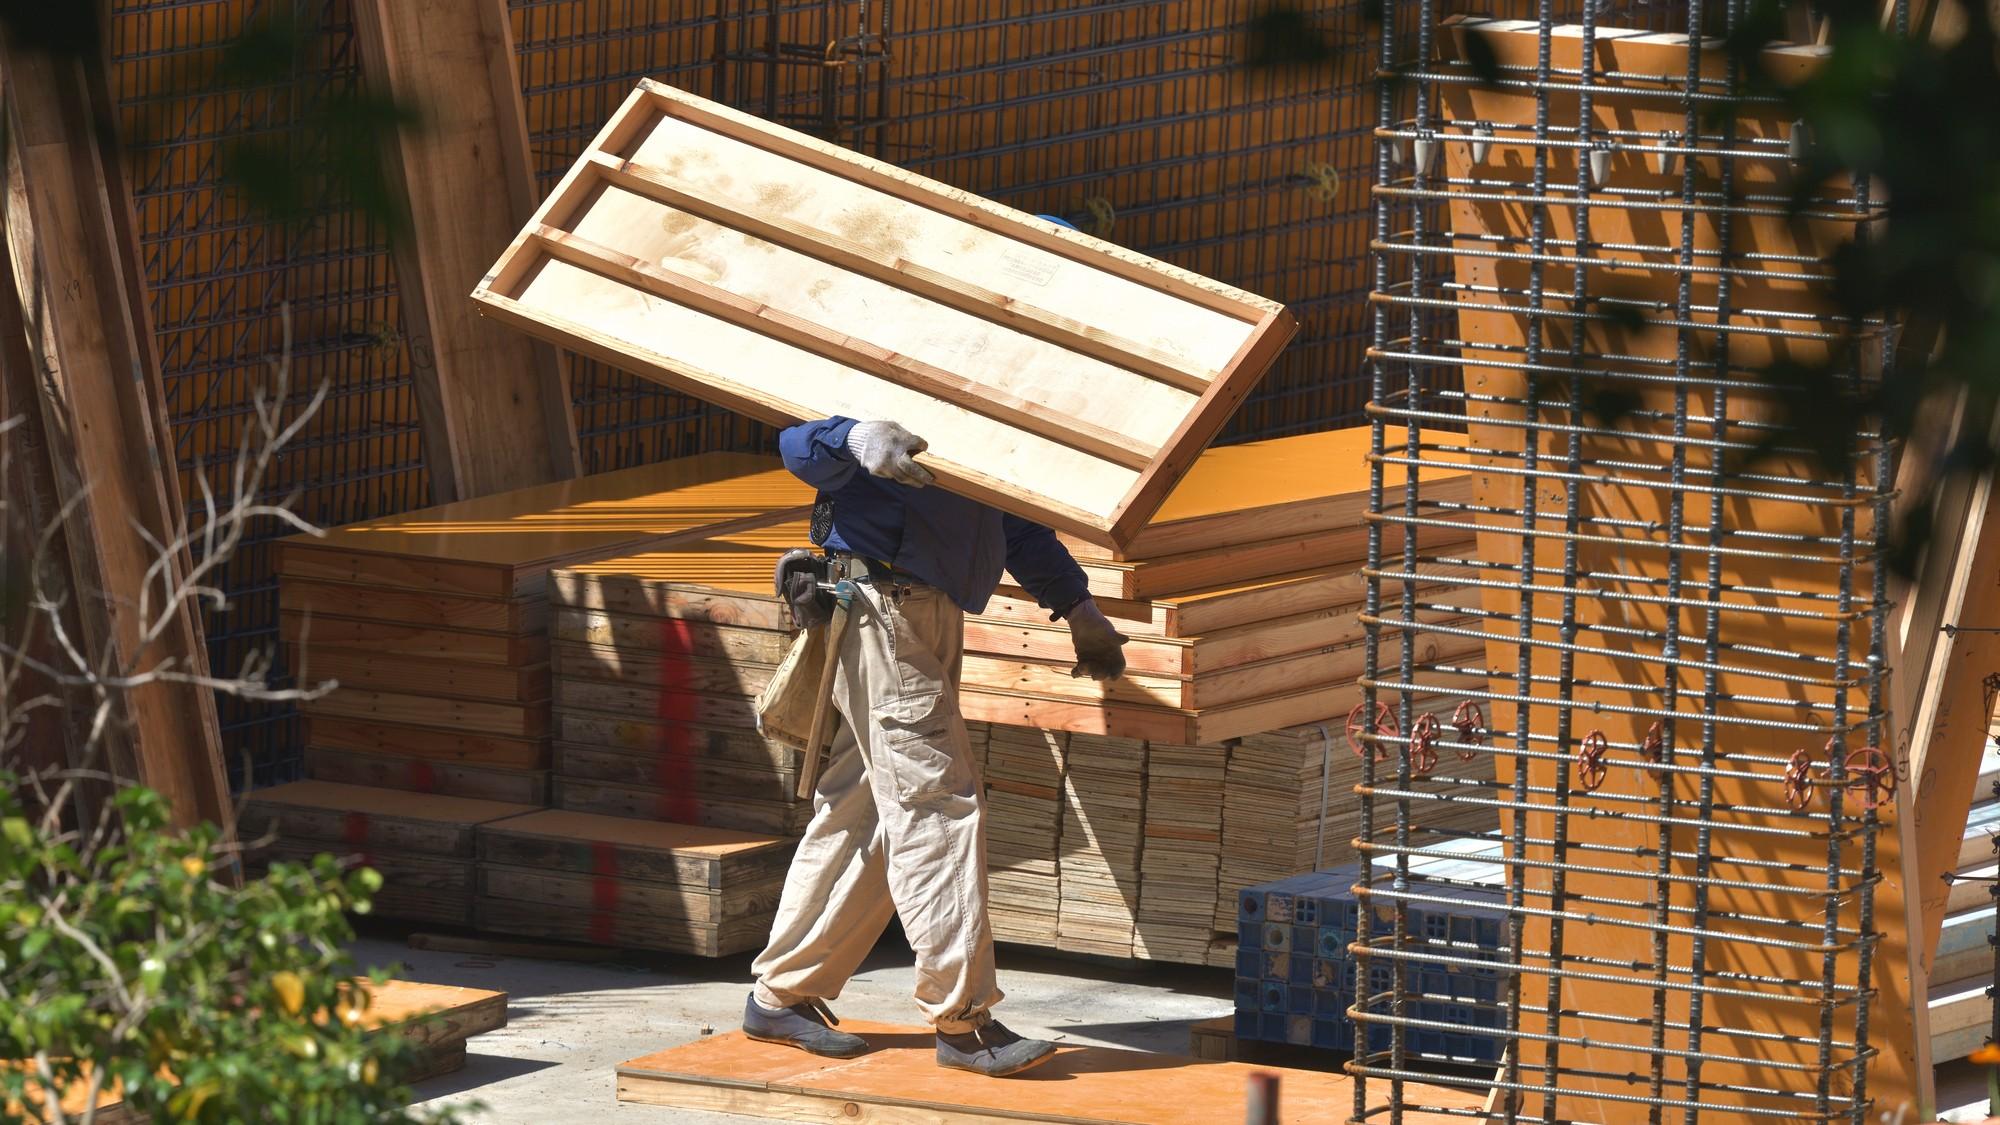 収益物件では「木造以外の構造」を選んだほうがいい理由とは?